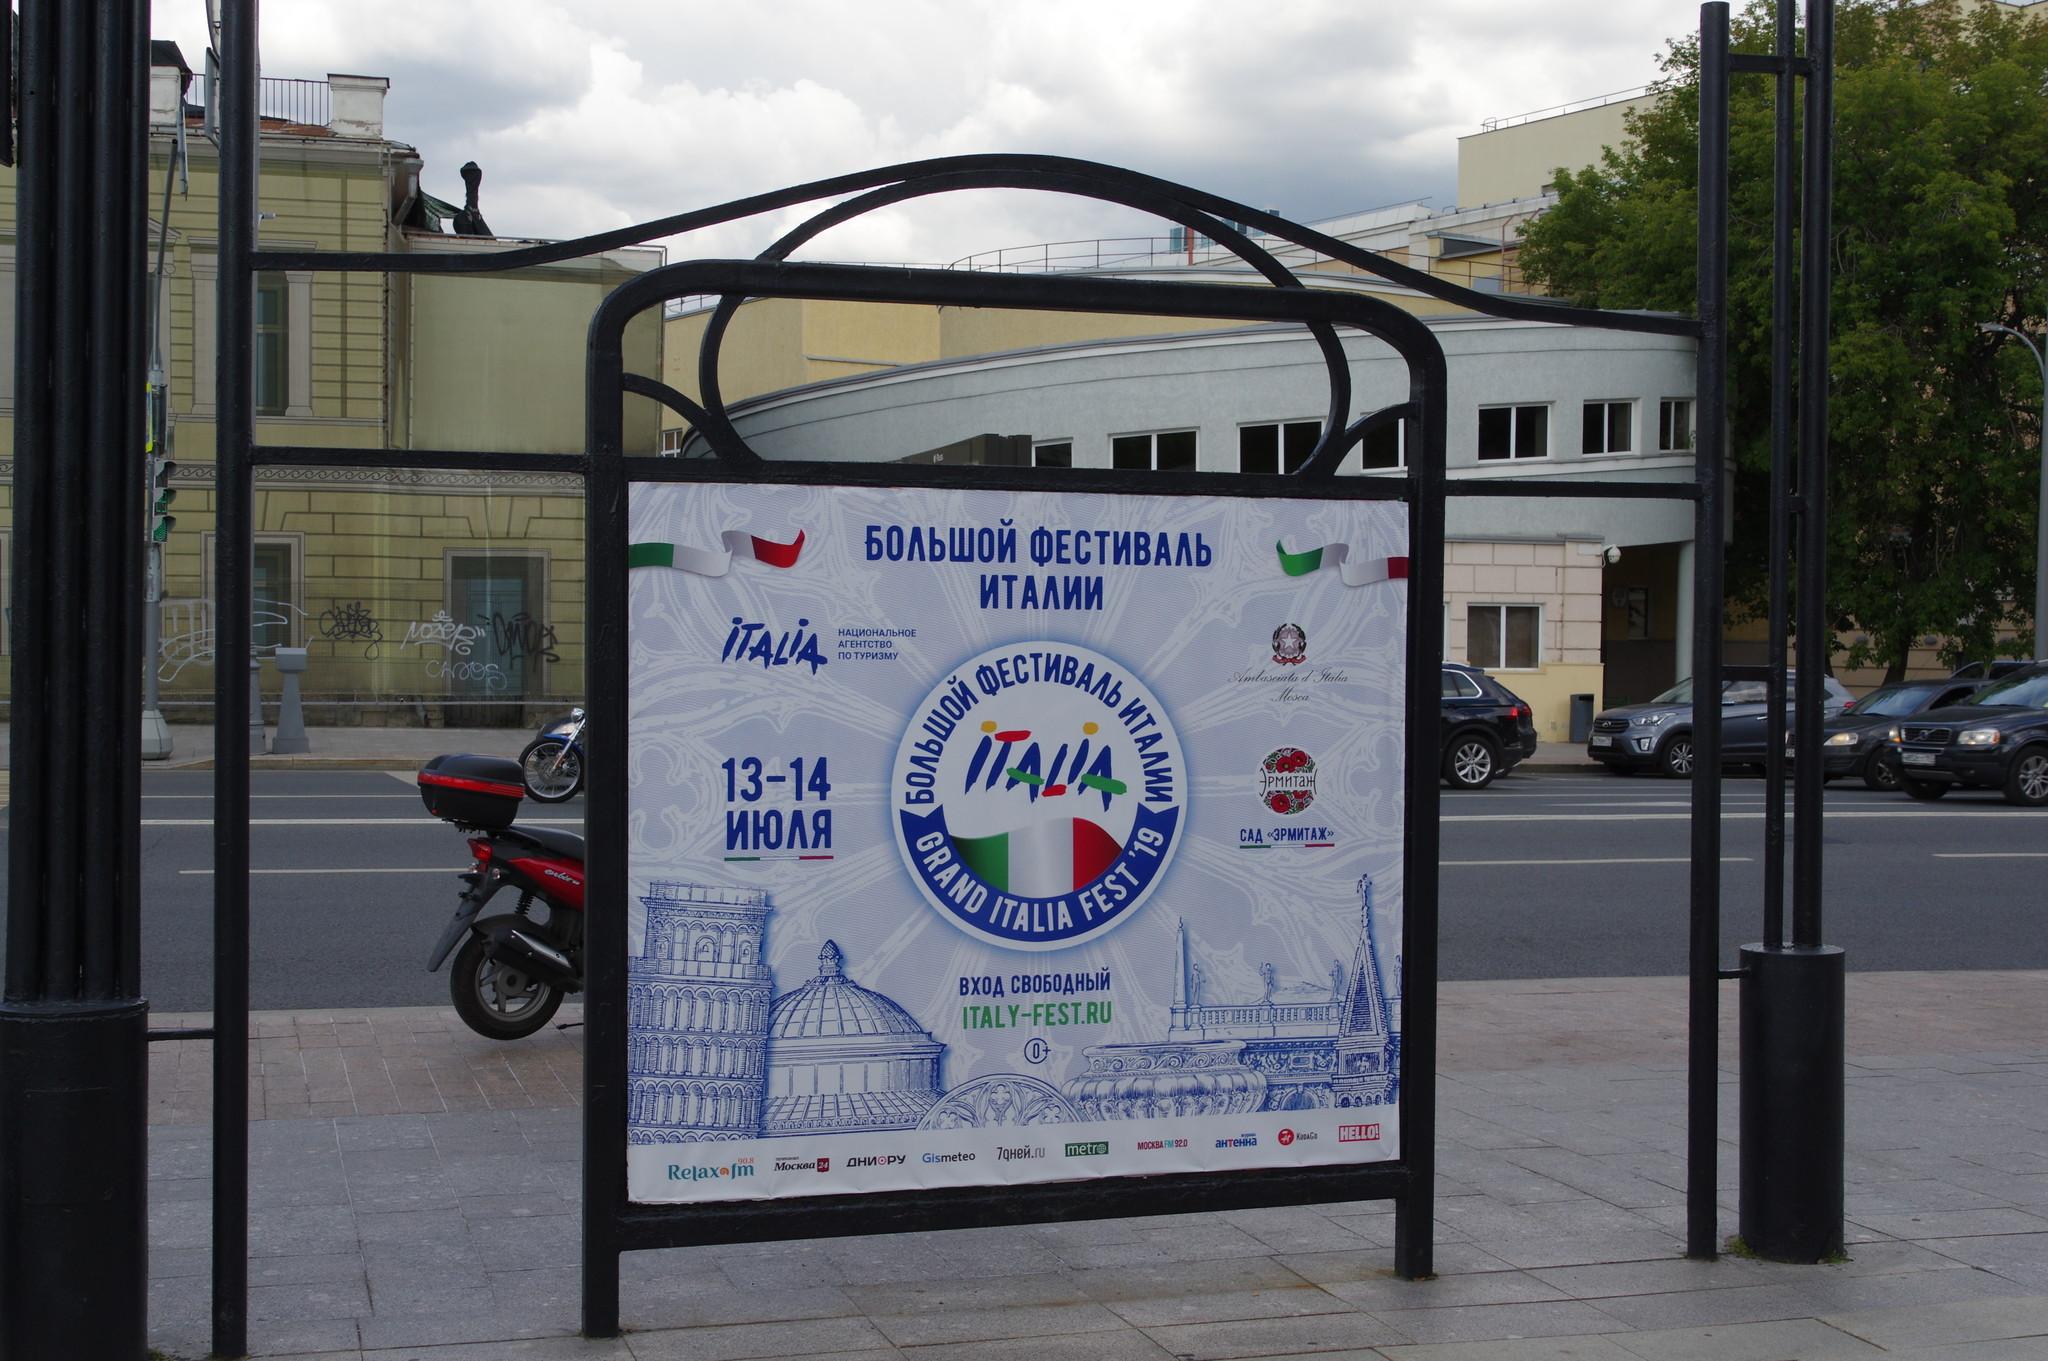 Большой фестиваль Италии в саду «Эрмитаж» в Москве